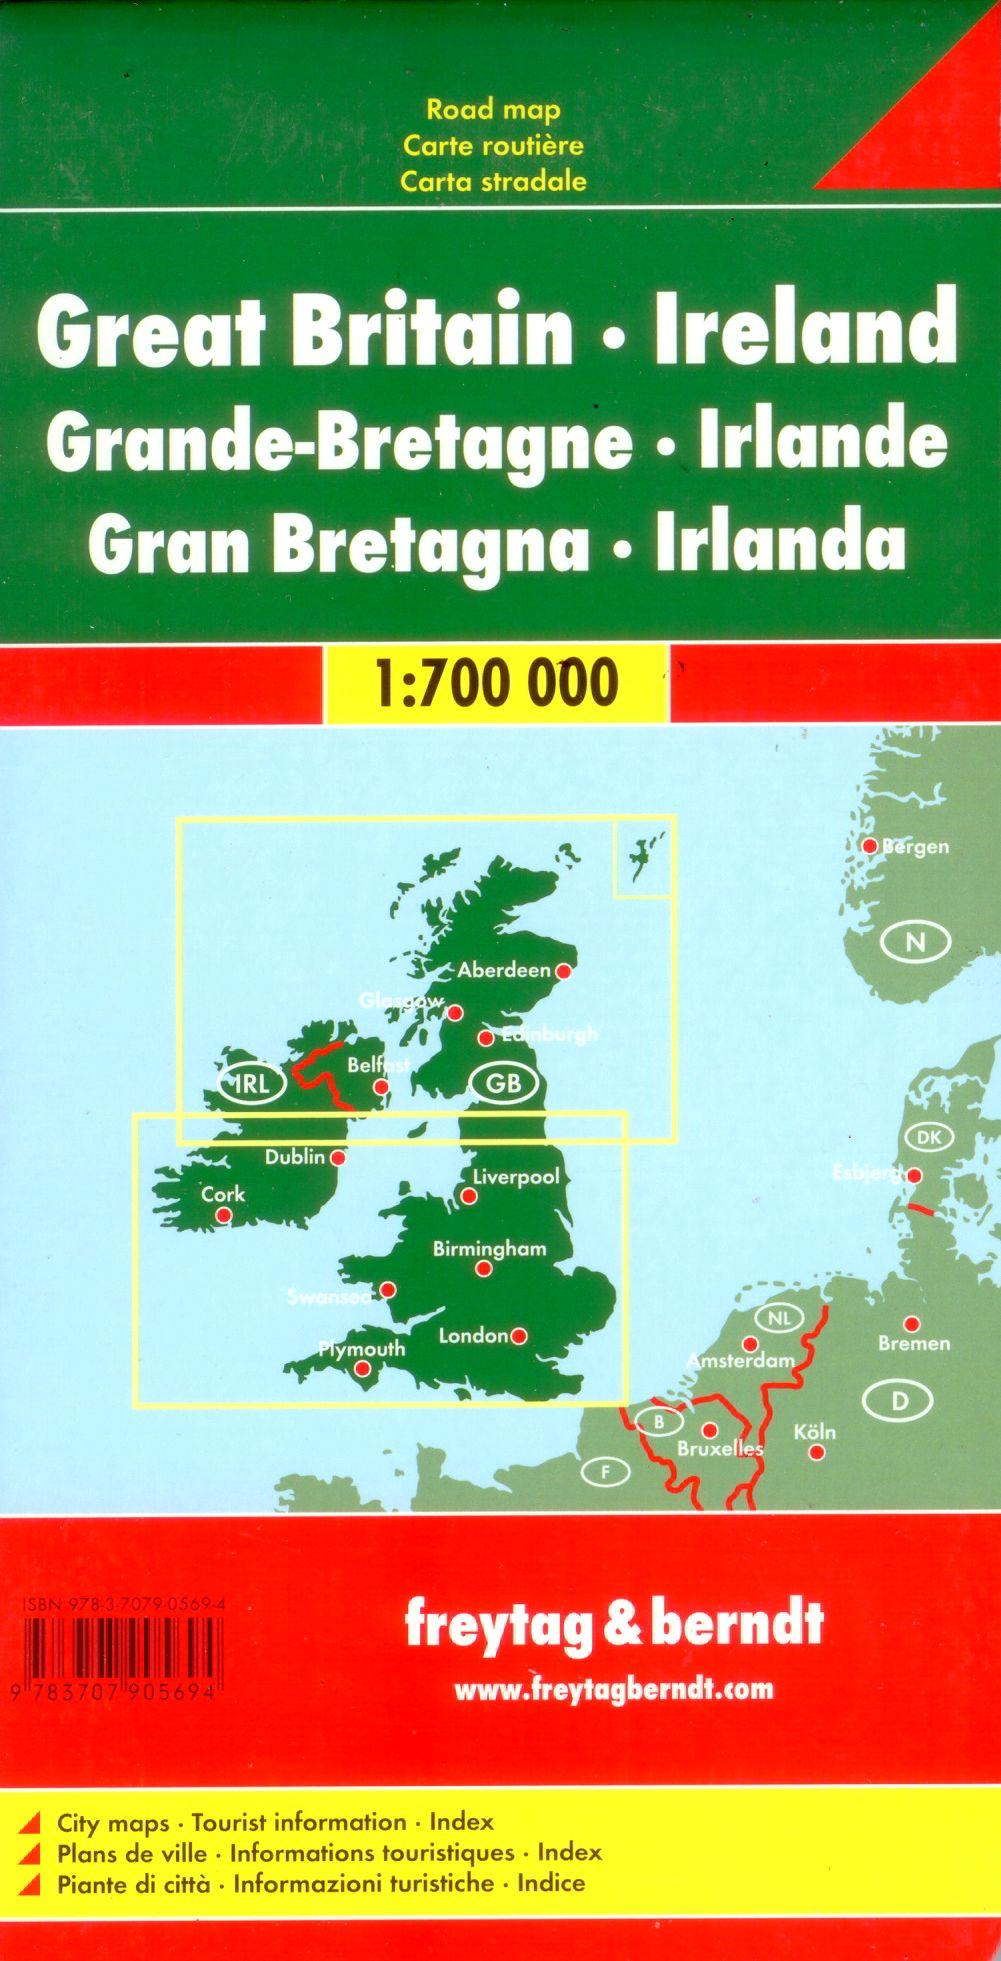 A Nagy-Britannia és Írország autótérkép által lefedett terület